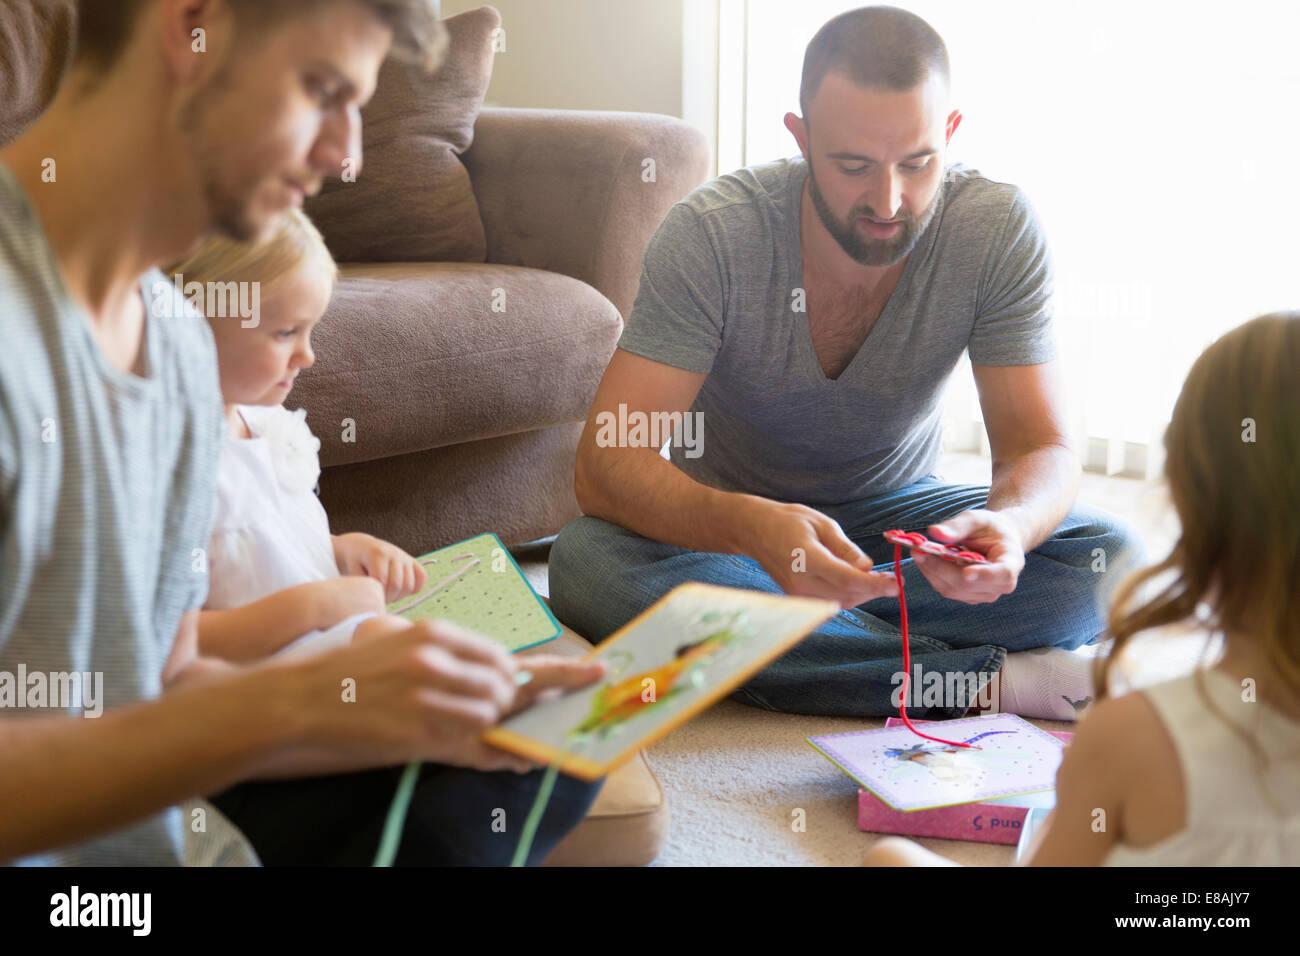 Homme couple et deux filles threading photo livres sur salon-de-chaussée Photo Stock